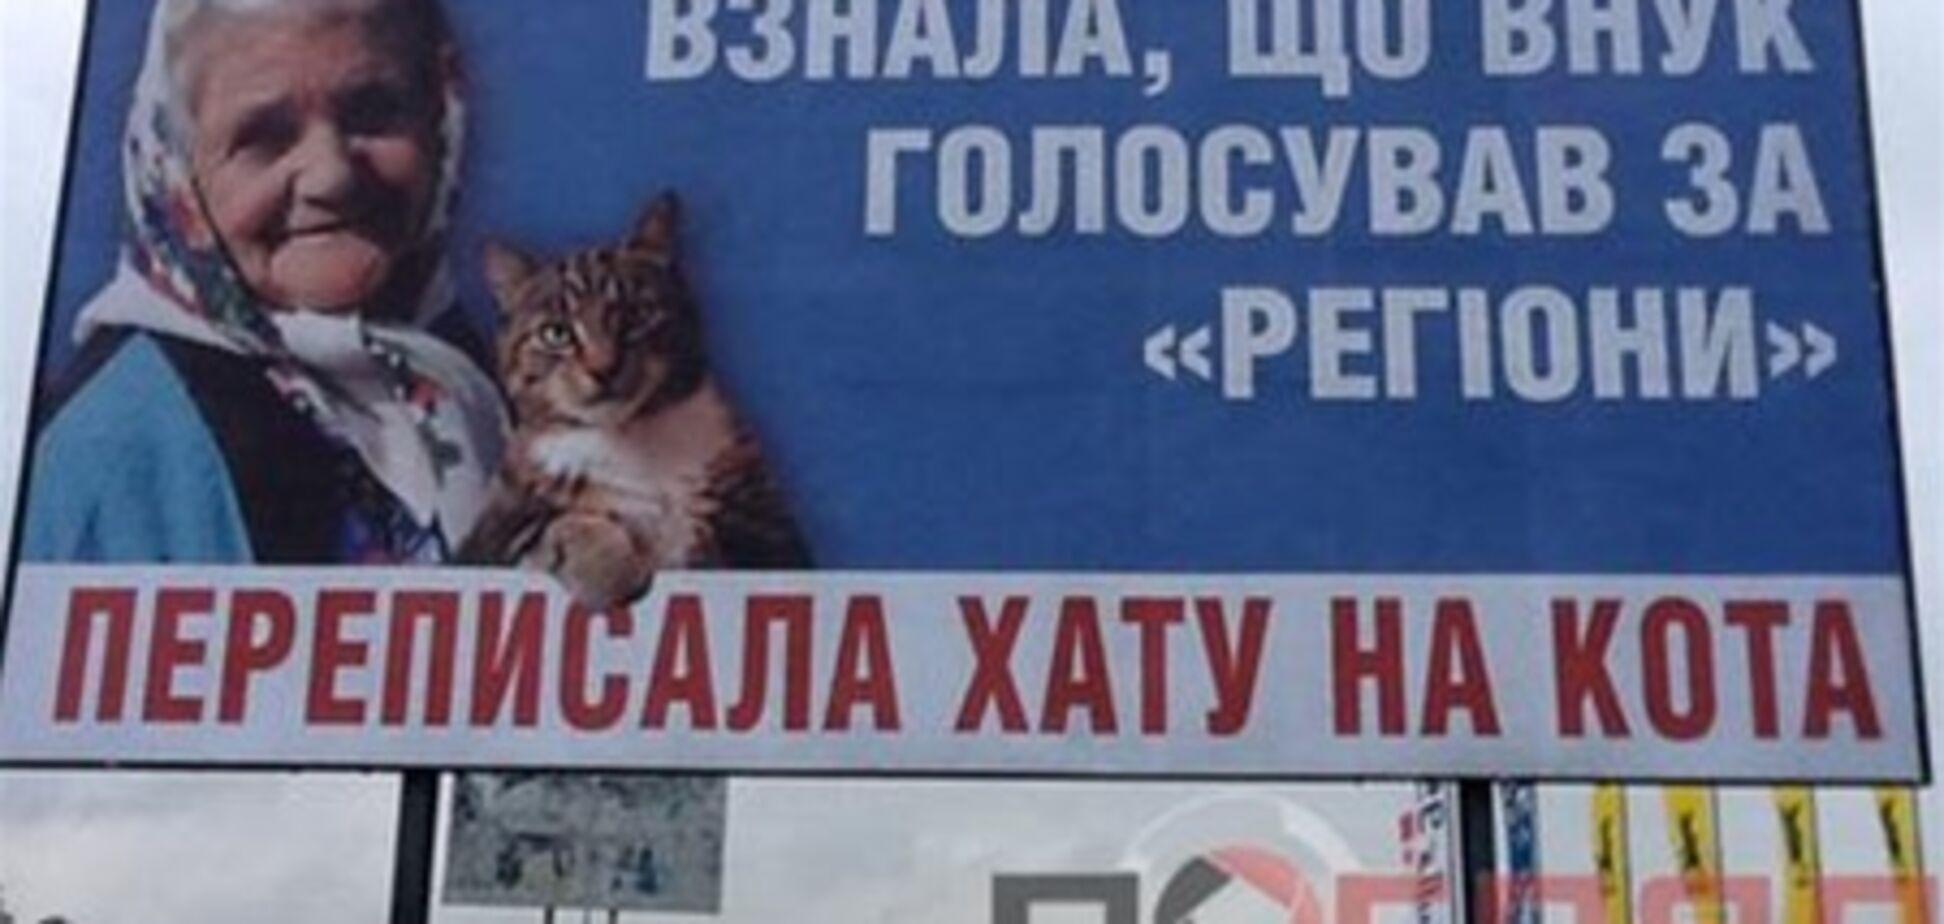 'Бабуся з котом' з'явилася в Тернополі